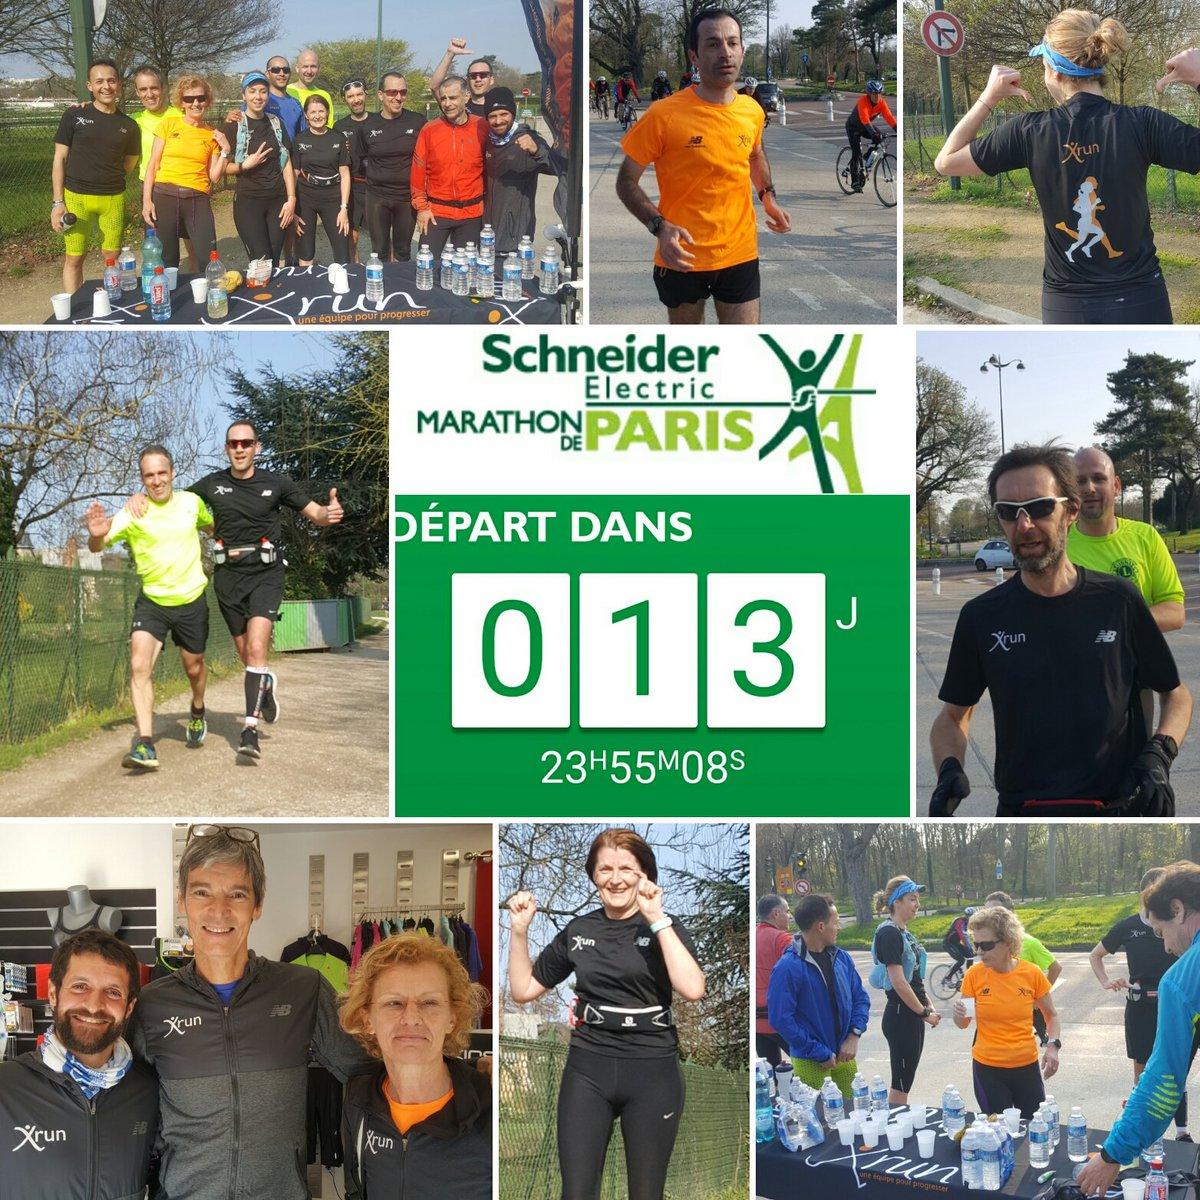 Dernière sortie longue avant @parismarathon encadrée par entraîneurs #Xrun @SchneiderElec @NewBalanceFR #running #marathon <br>http://pic.twitter.com/rWMU86QjSr